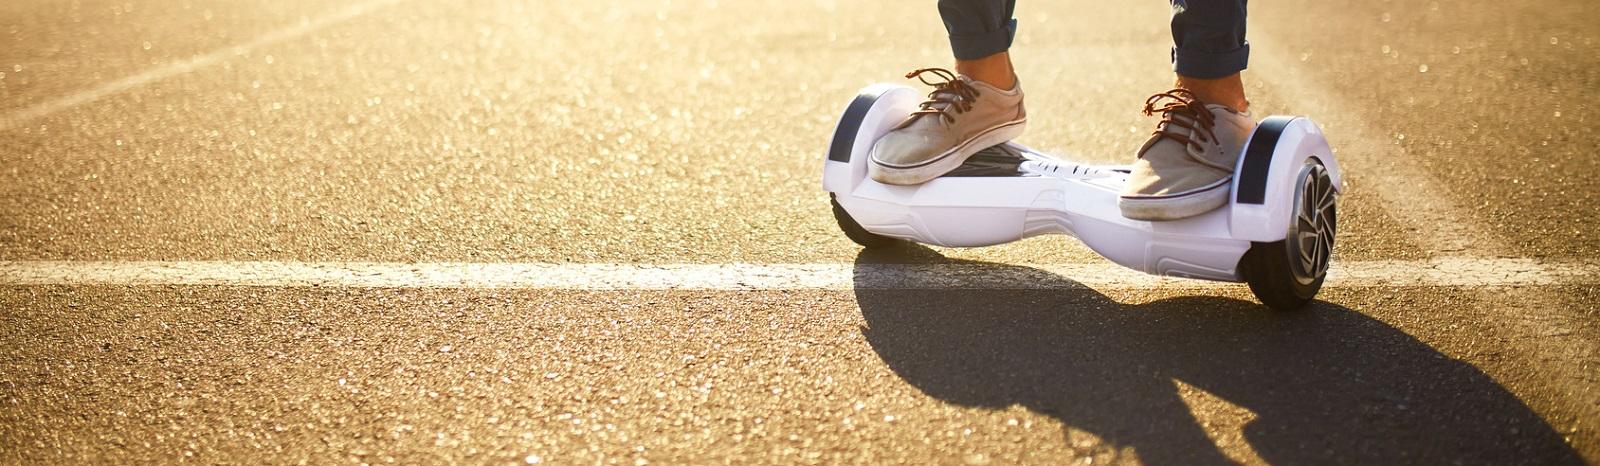 Hoverboard versicherungspflichtig